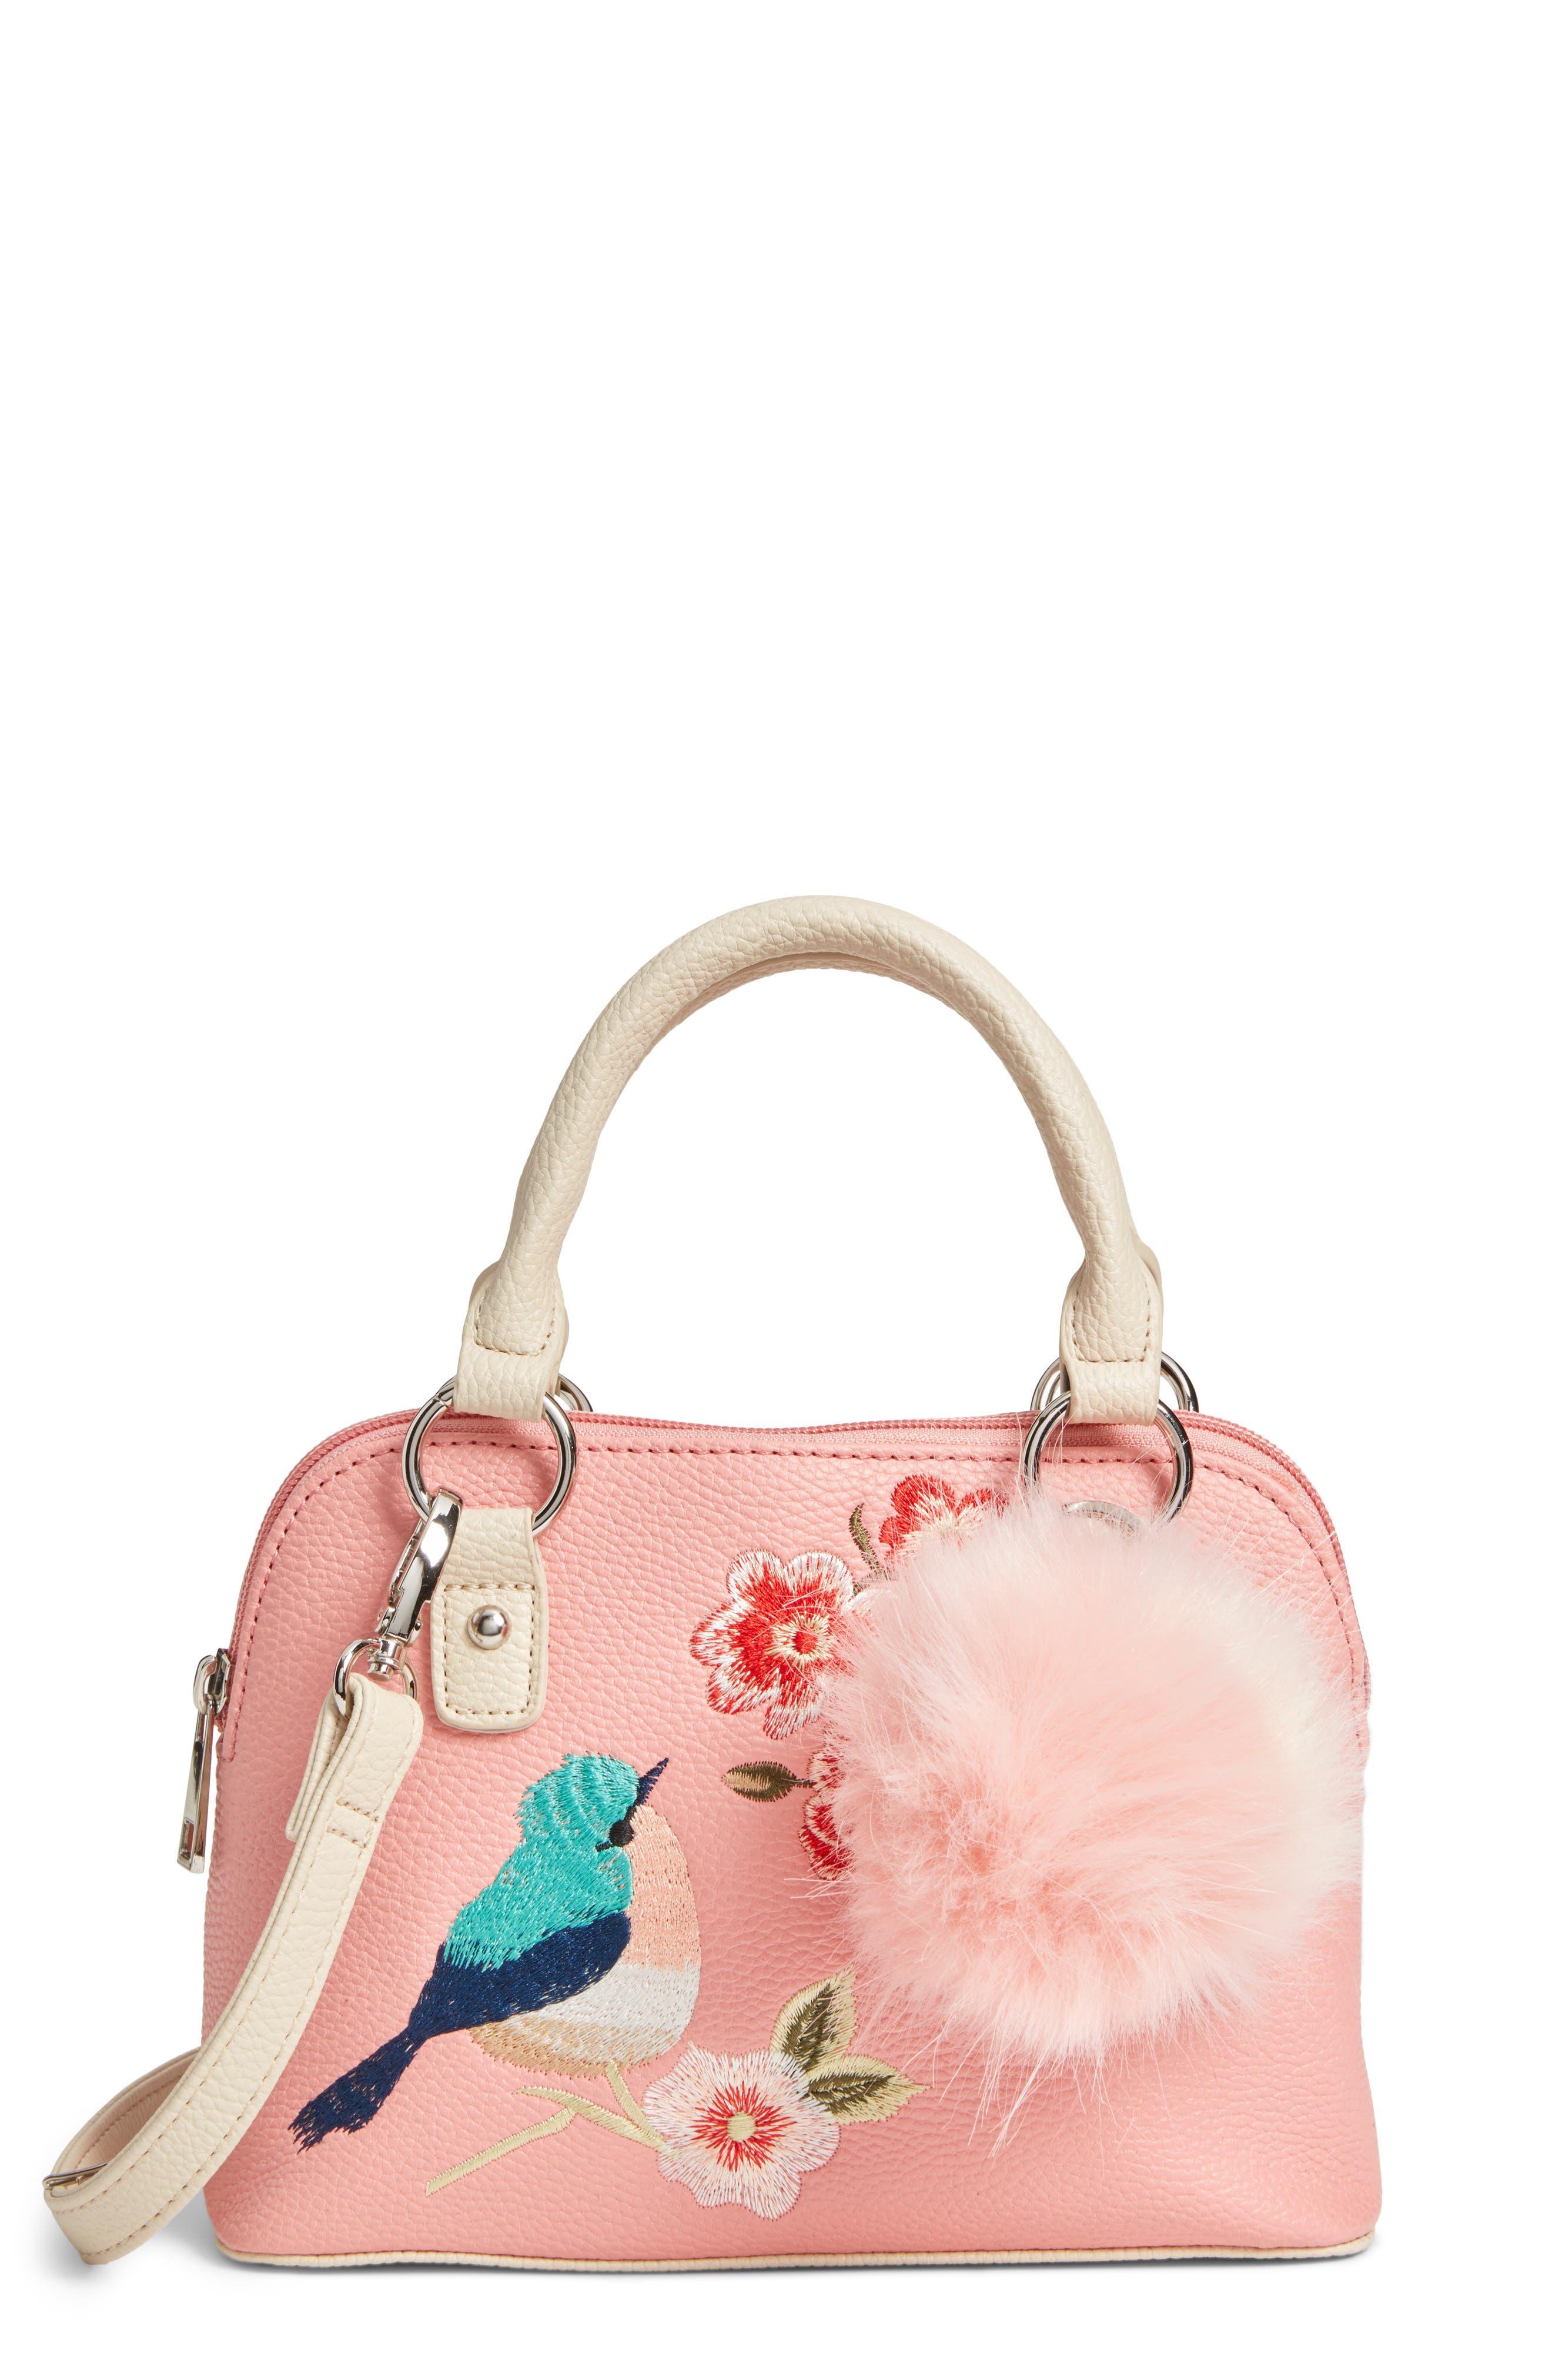 Embroidered Handbag,                             Main thumbnail 1, color,                             Pink